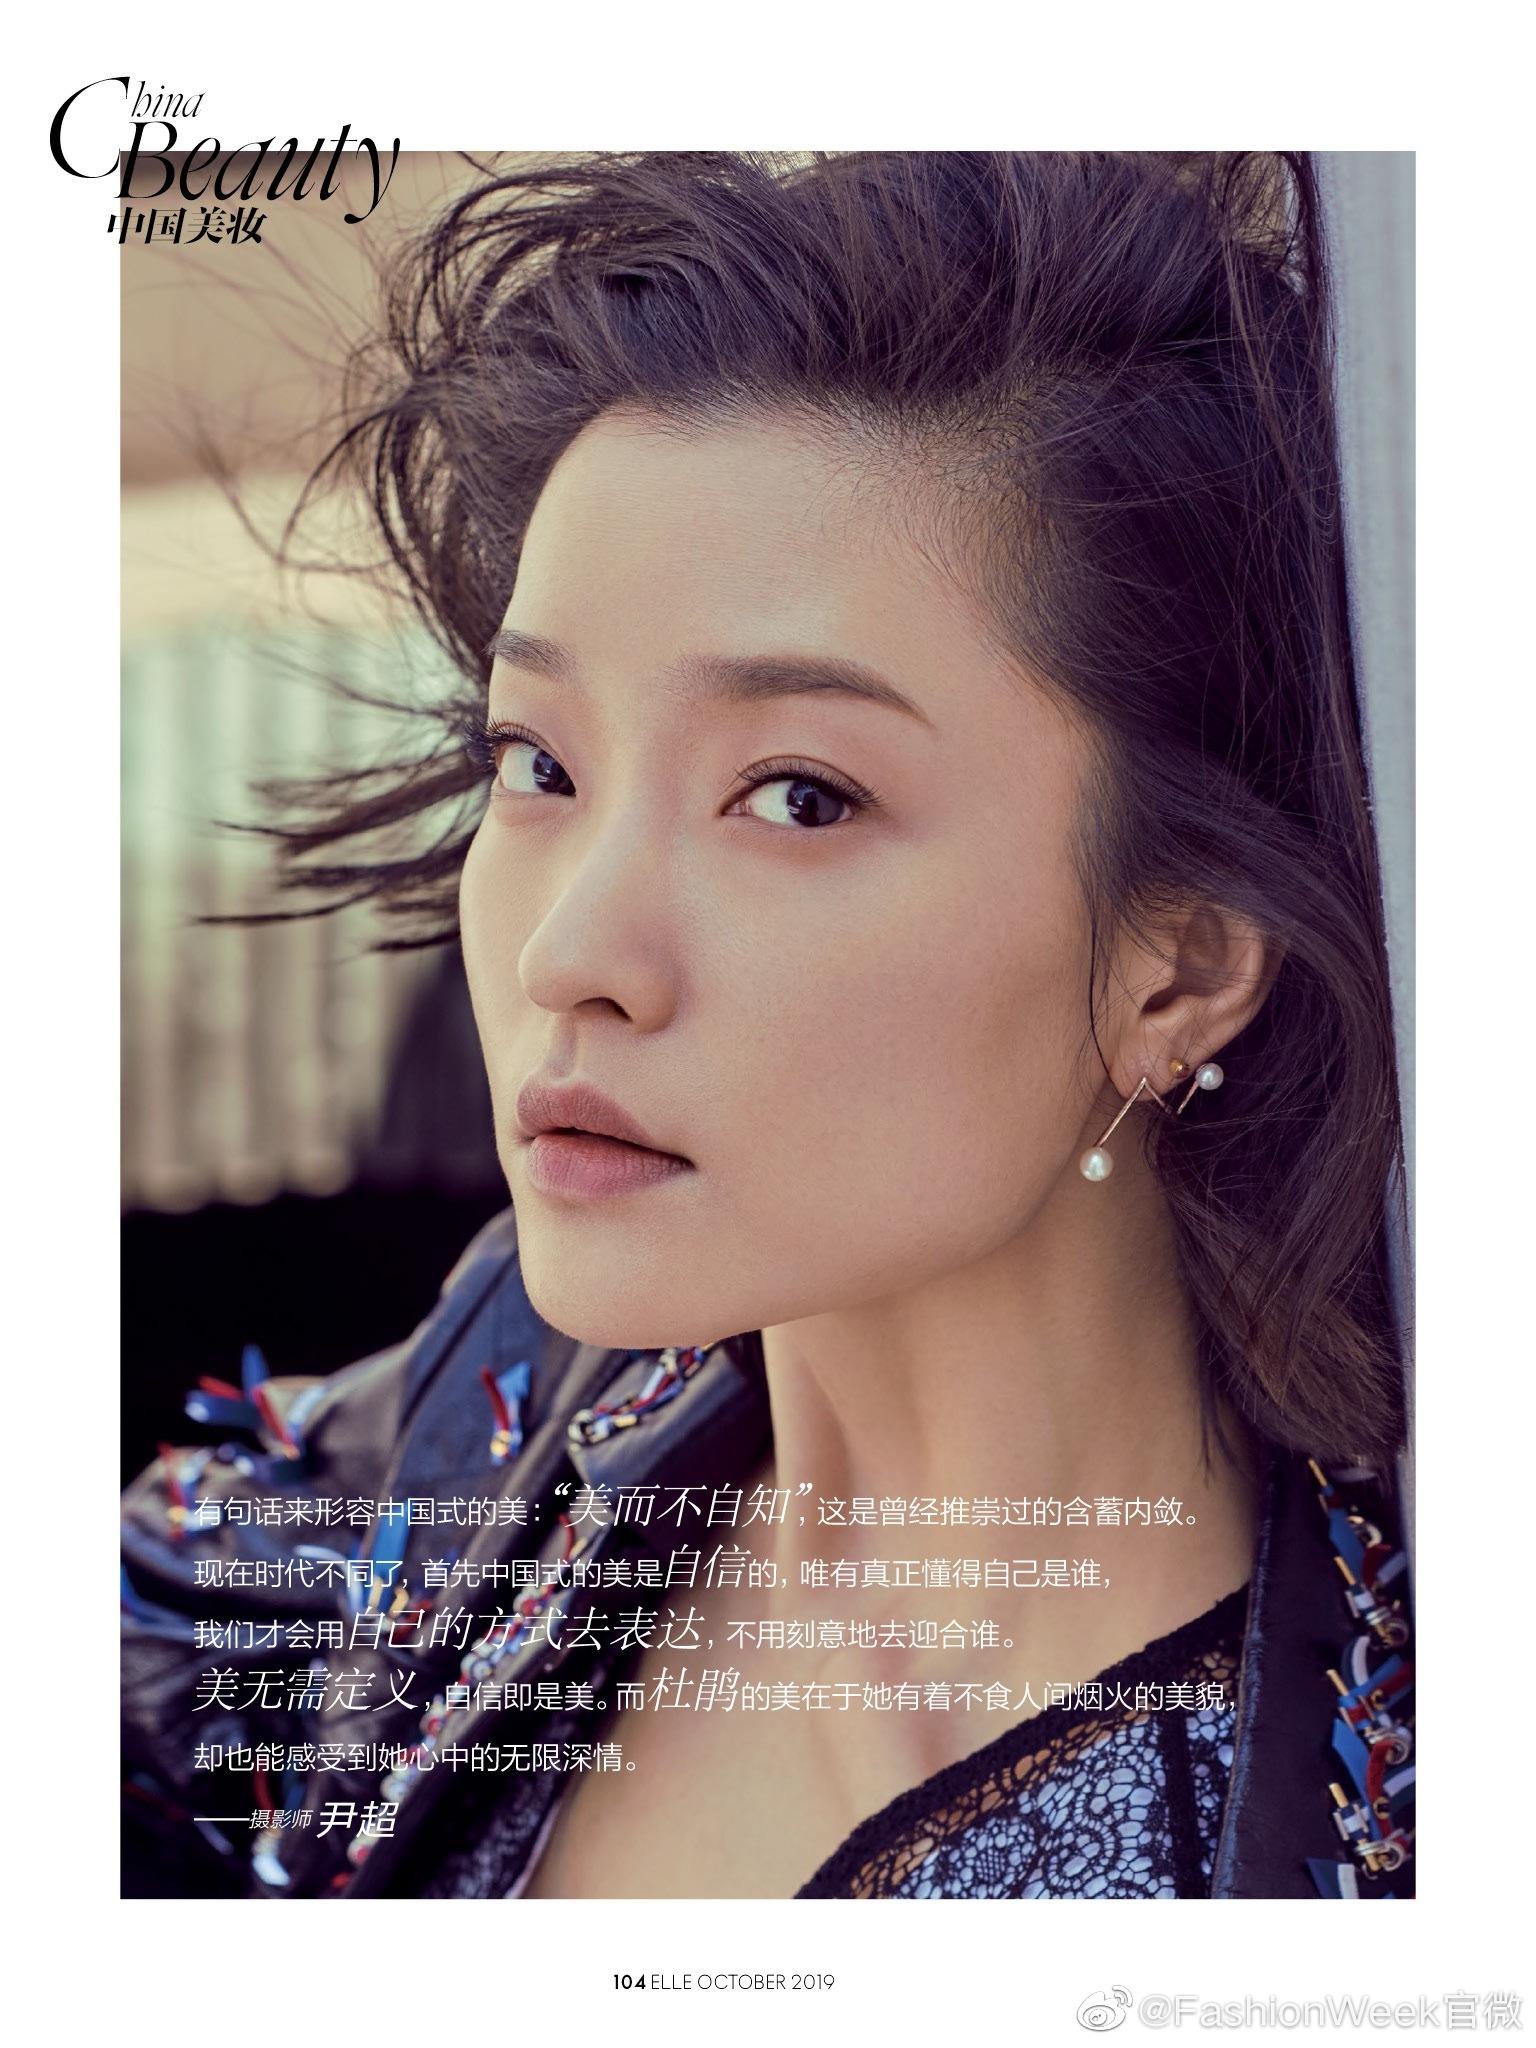 中国版ELLE邀请六位知名摄影师分享了